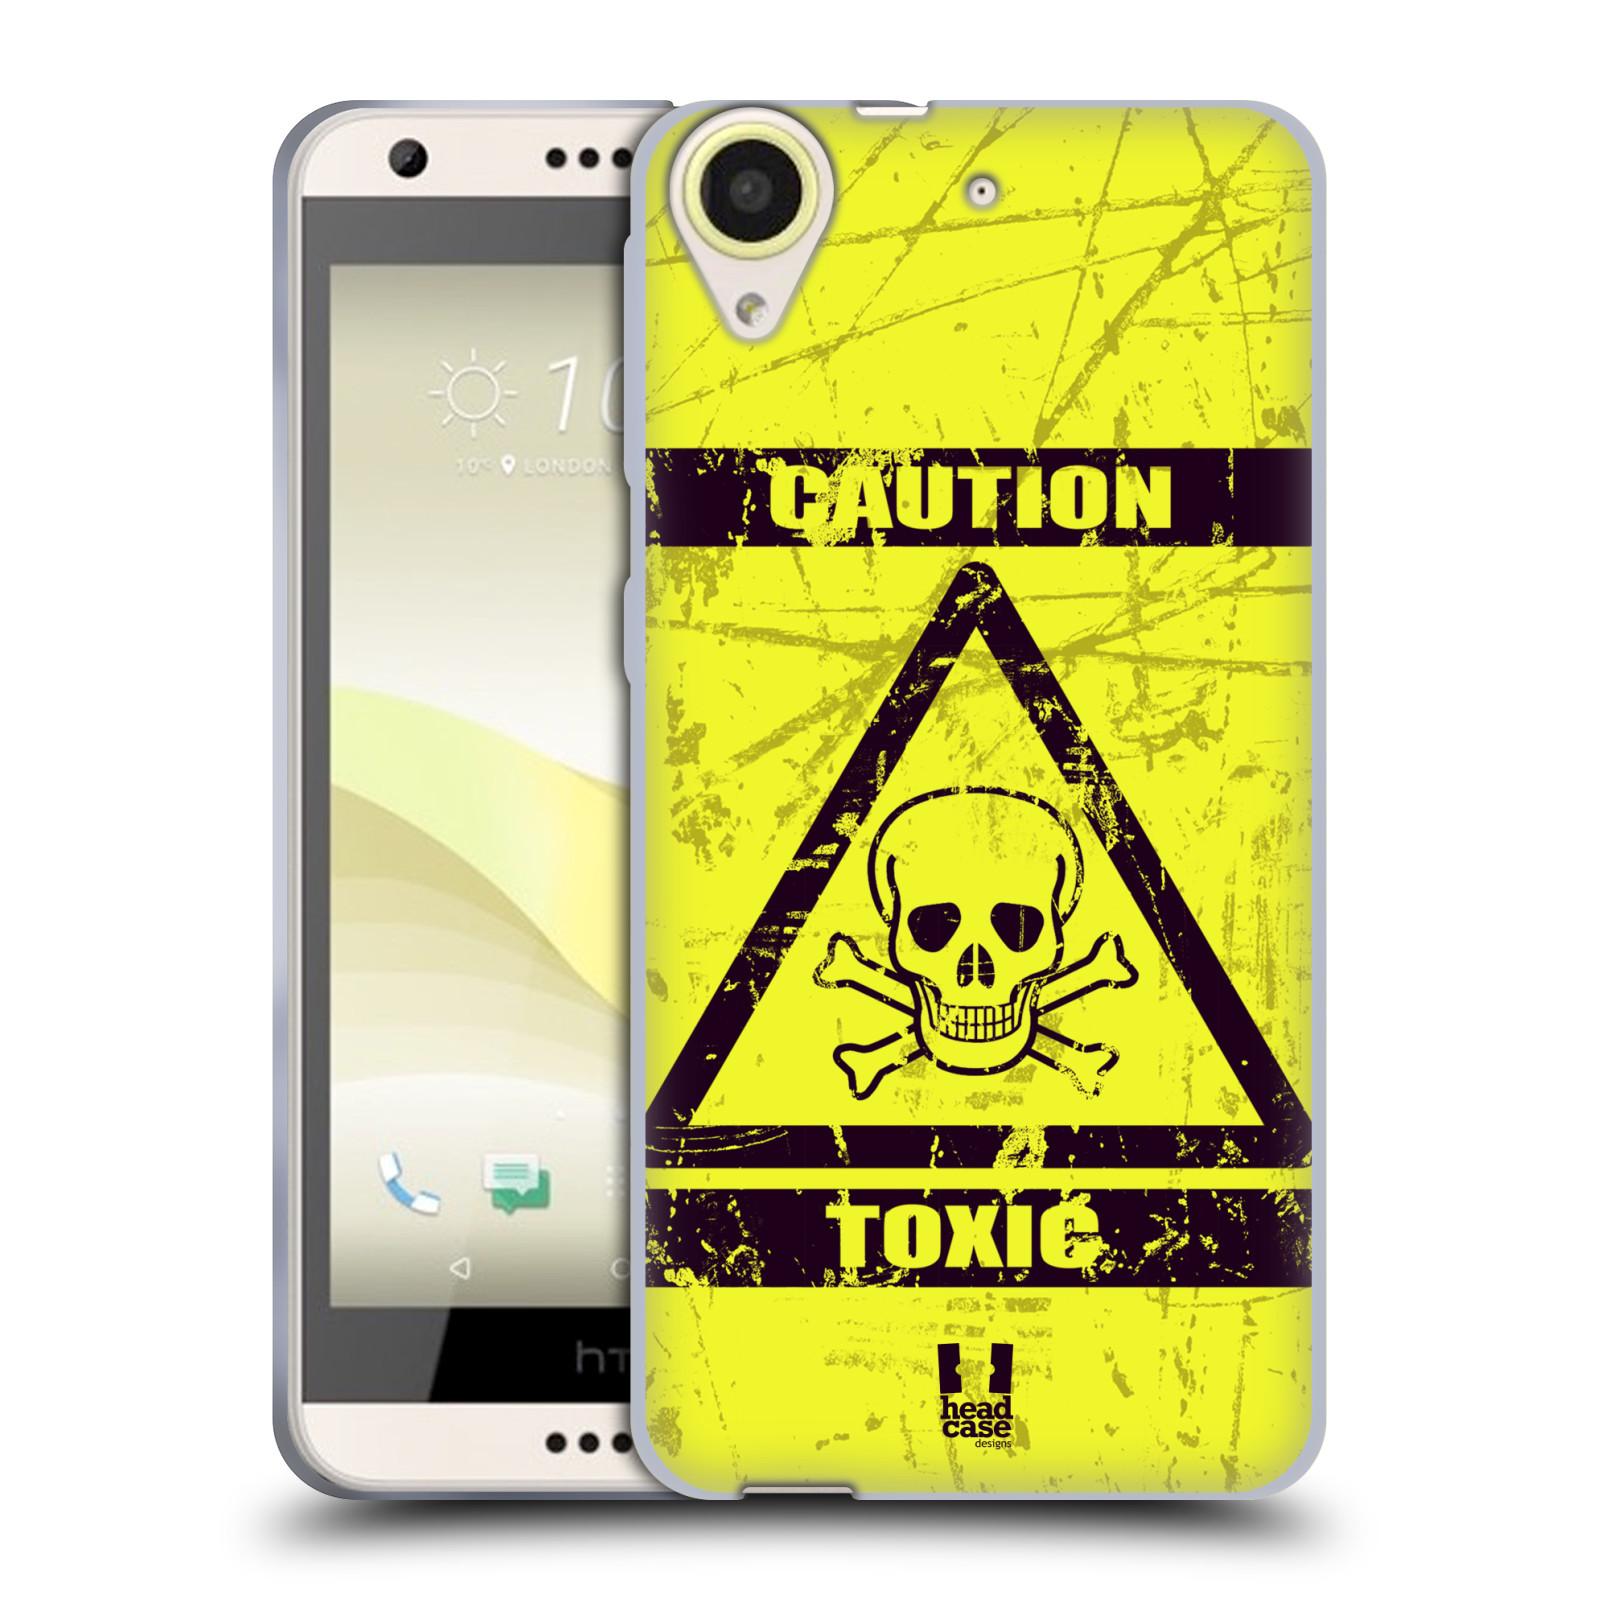 Silikonové pouzdro na mobil HTC Desire 650 HEAD CASE TOXIC (Silikonový kryt či obal na mobilní telefon HTC Desire 650)